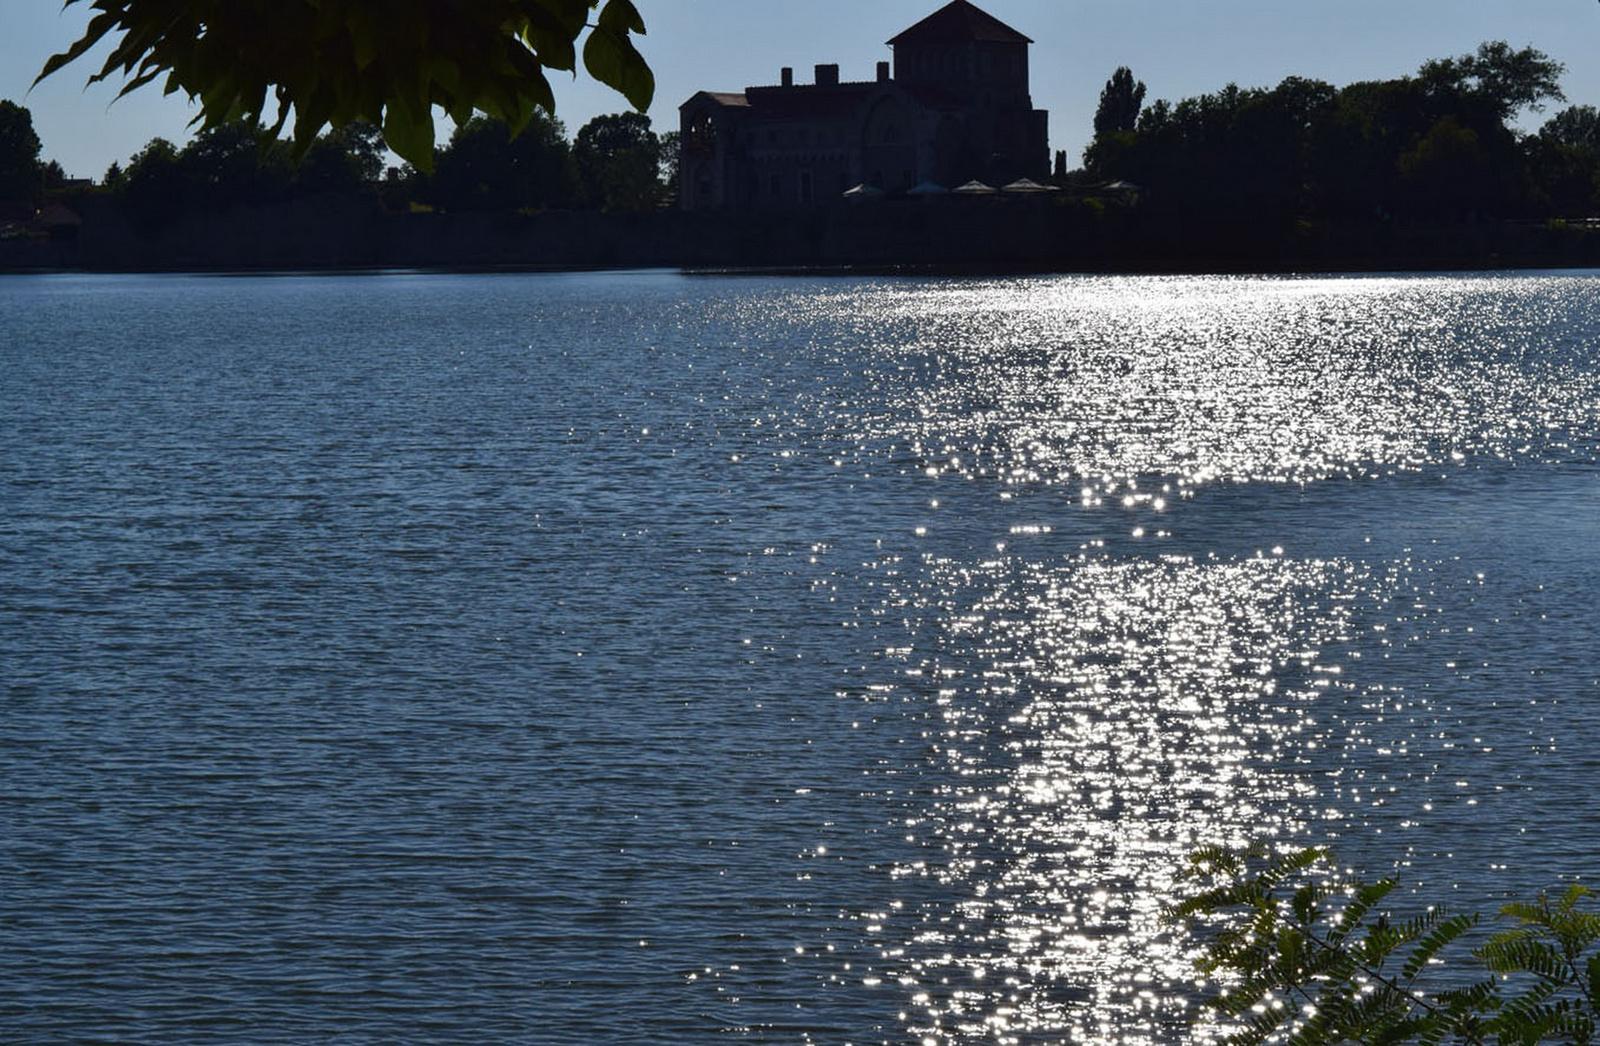 Csillogó víztükör